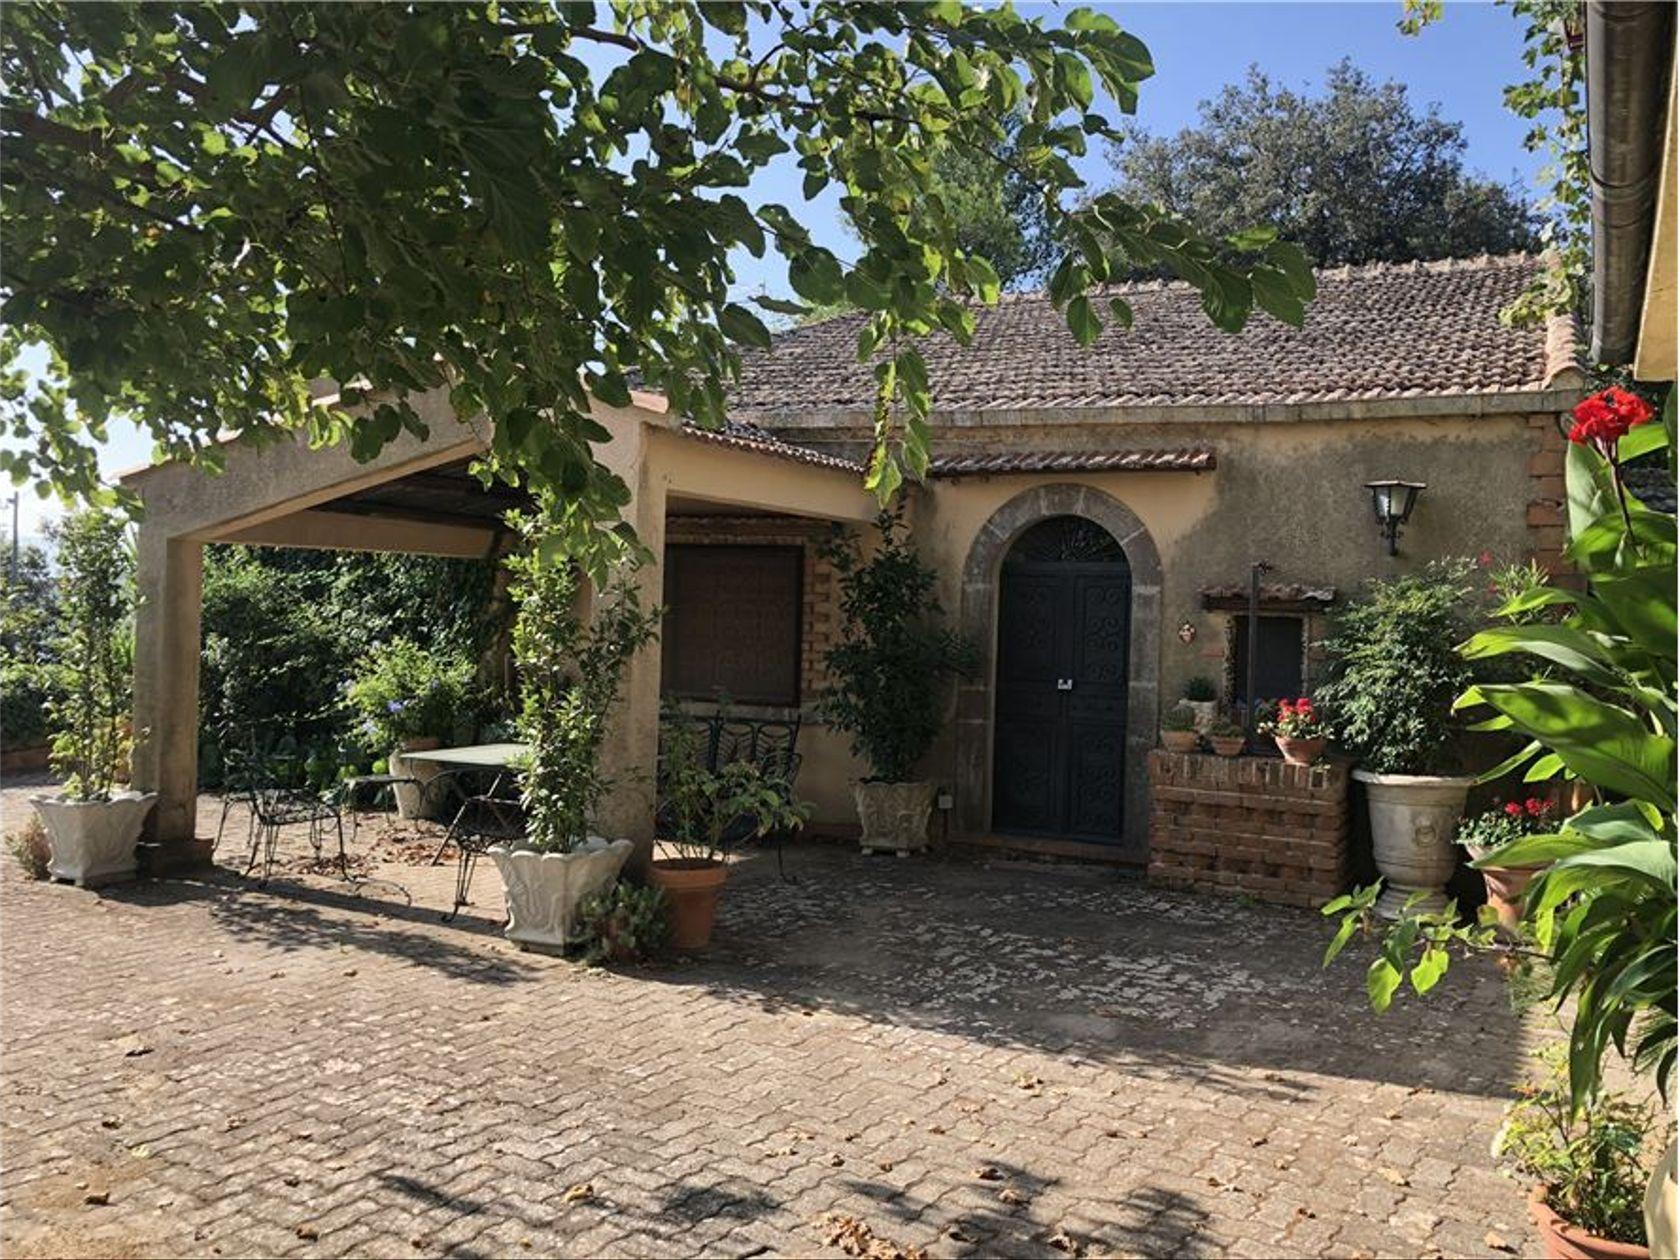 Vendita Piscine A Catania villa singola in vendita vizzini 30721140-39 | re/max italia